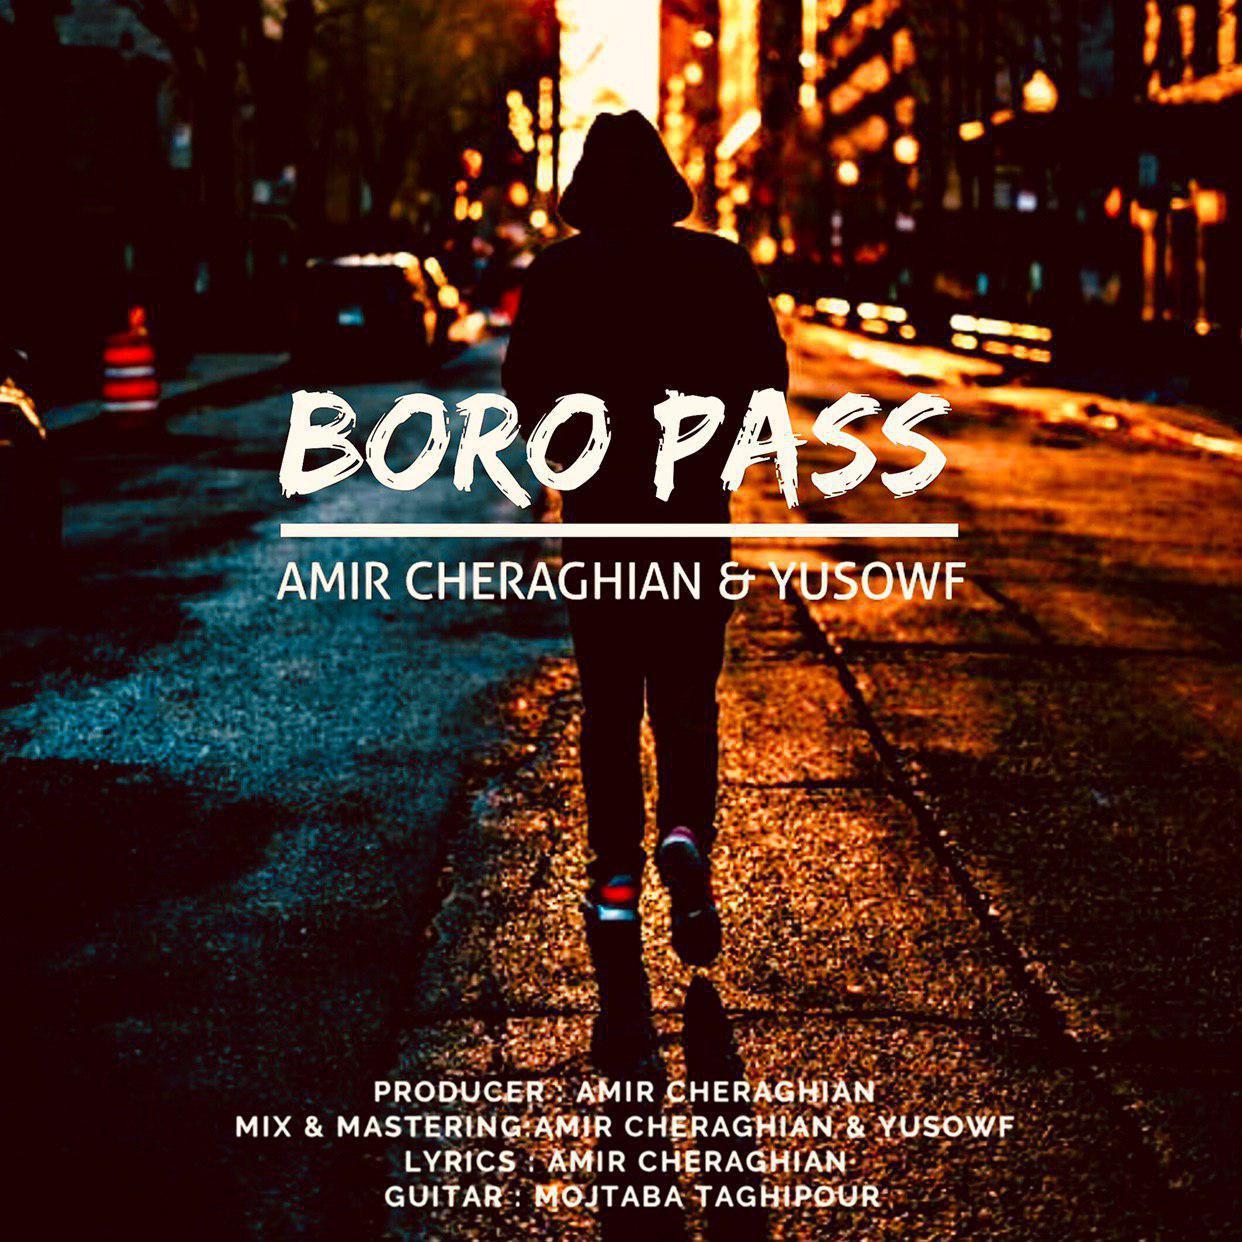 Amir Cheraghian & Yusowf – Boro Pass